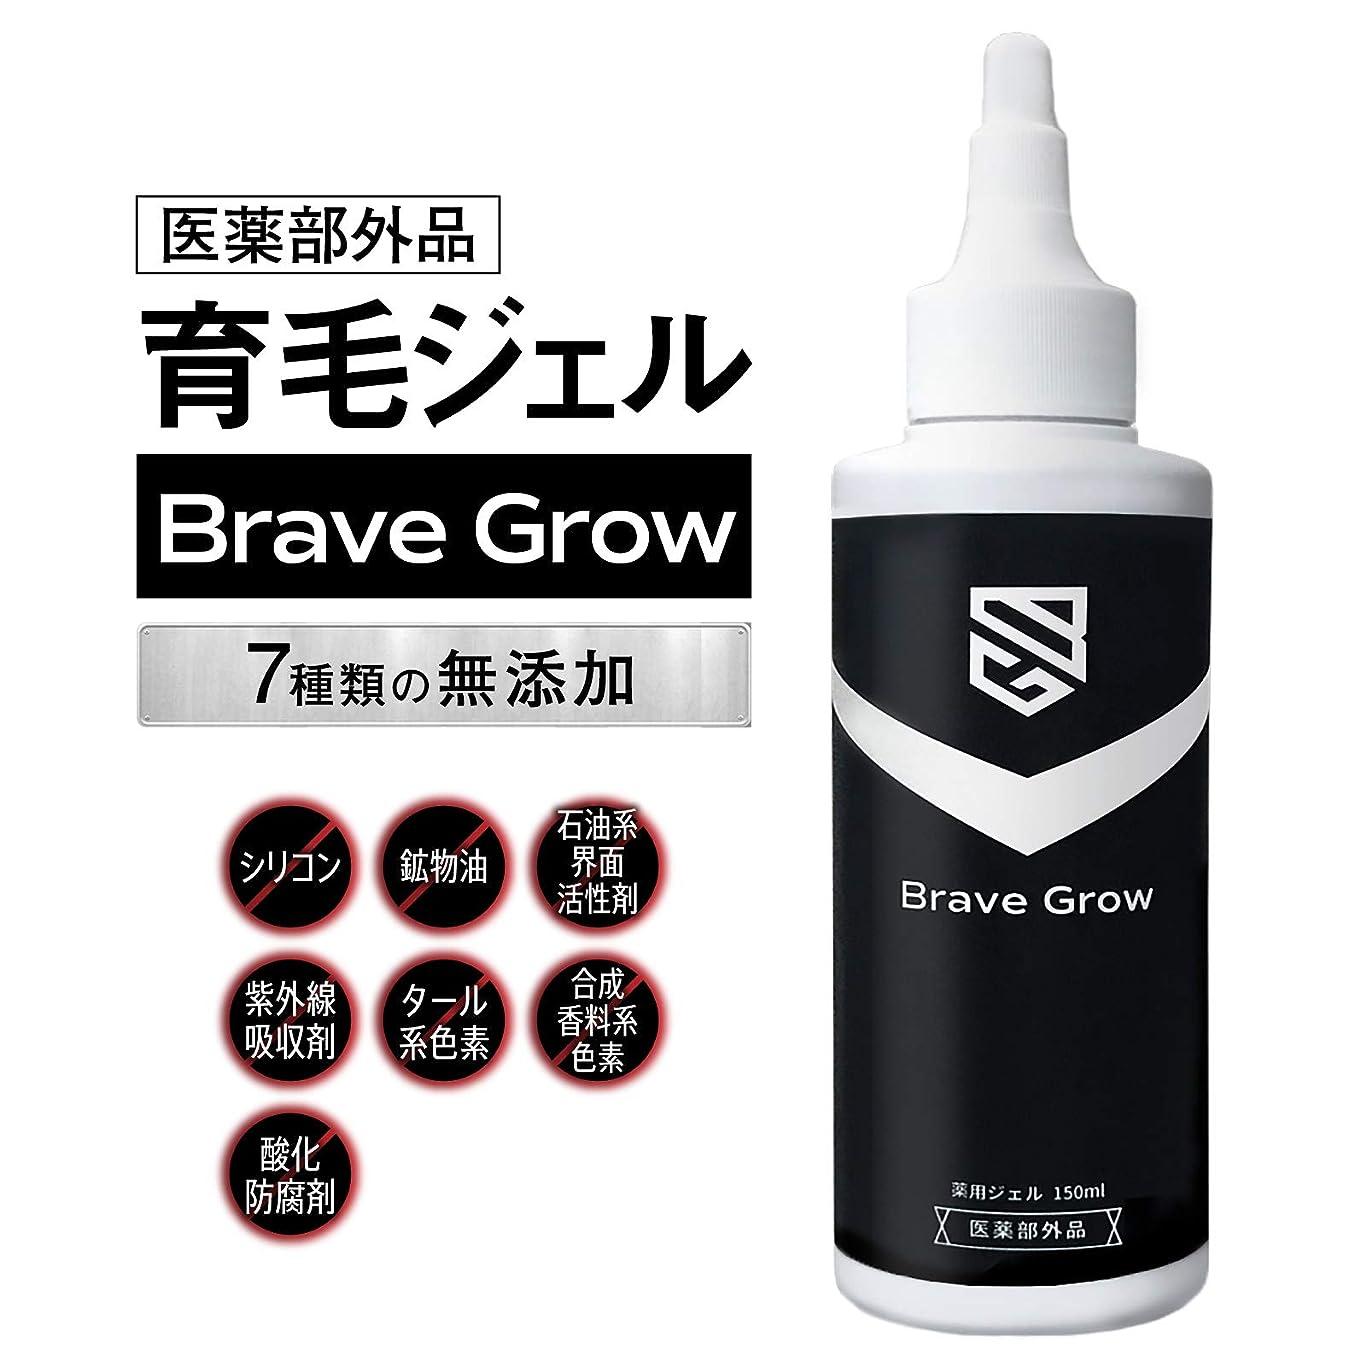 普遍的なシード階育毛剤 BraveGrow ブレイブグロー 150ml 【医薬部外品】ジェルタイプ 男性